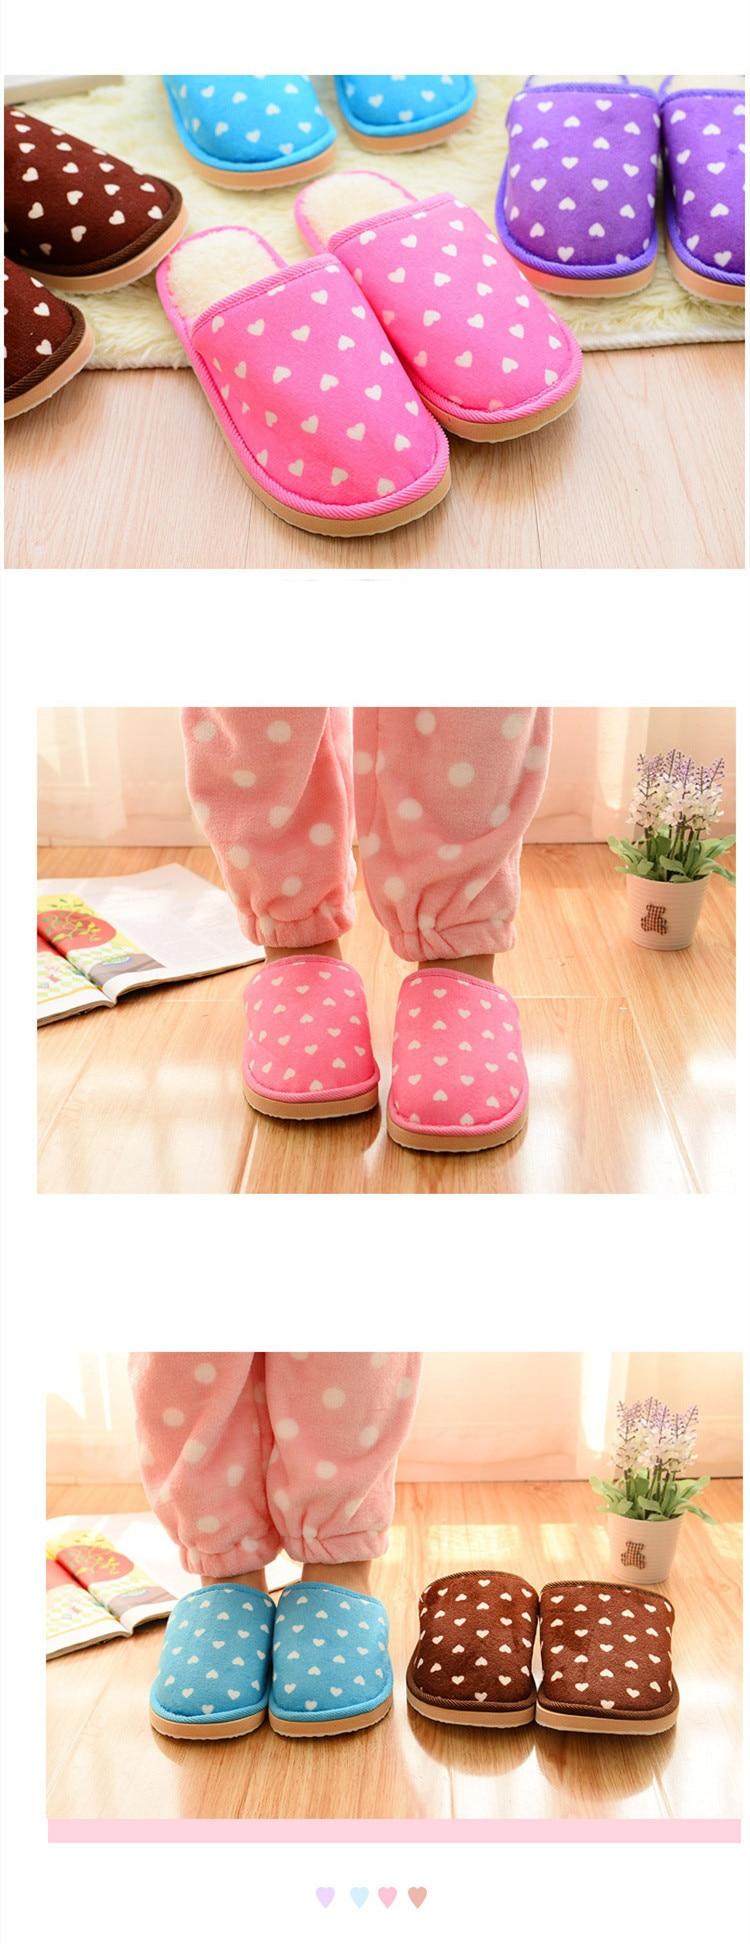 HTB18MOjaLb2gK0jSZK9q6yEgFXal Inverno Mulheres Quentes Chinelos Em Casa Coberta de Coração-em forma de EVA Leve Feminino Sapatos de Pelúcia Macia Casa Quarto Flip Flops Unisex